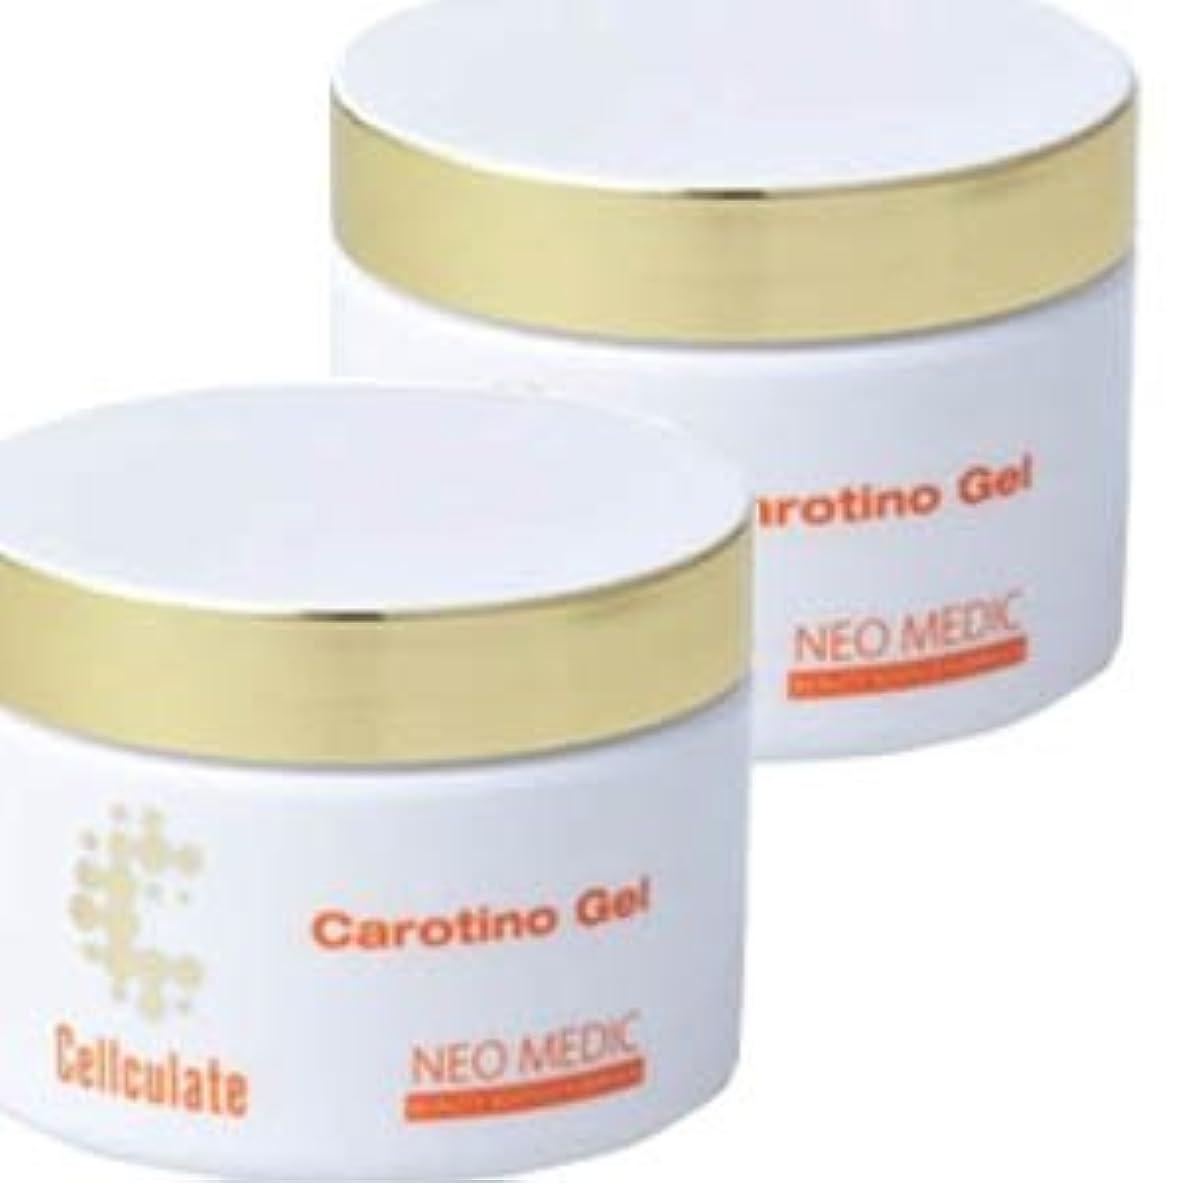 減らすオンス気分が良い【2個】セルキュレイト カロチーノジェル 60gx2個 (4580139810191)